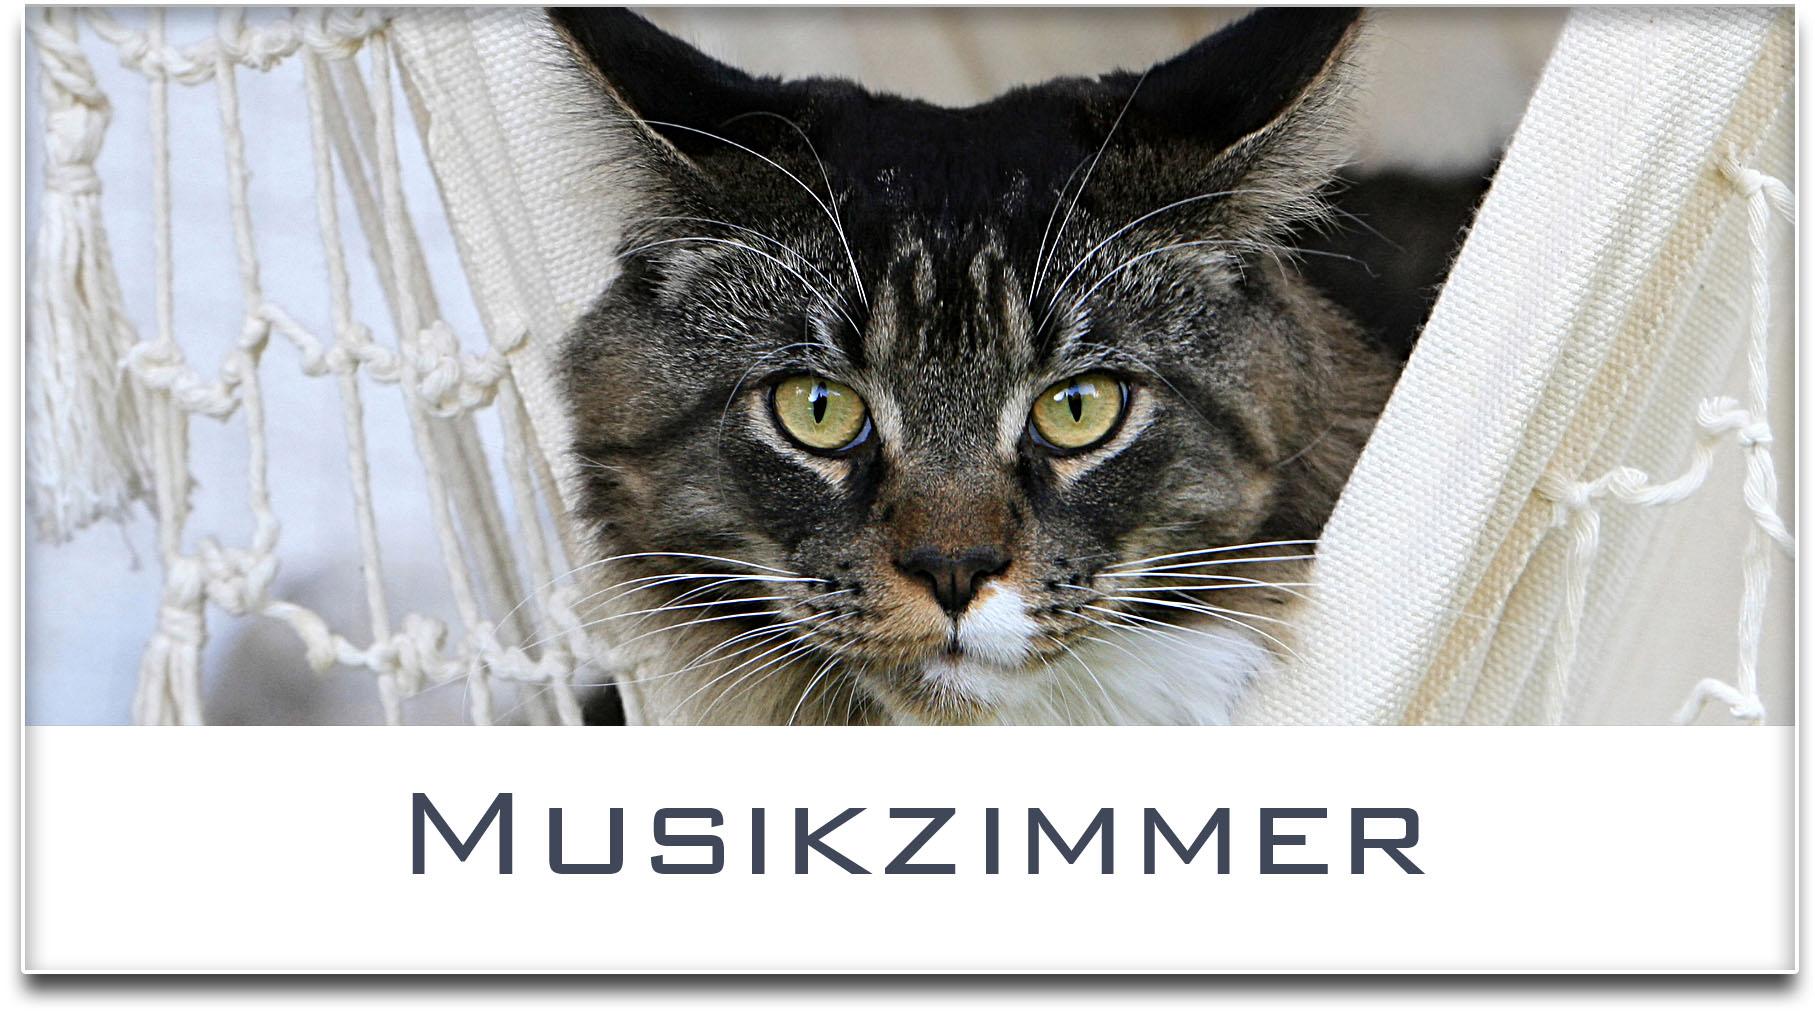 Türschild / Haustürschild / Katze / Musikzimmer / Selbstklebend